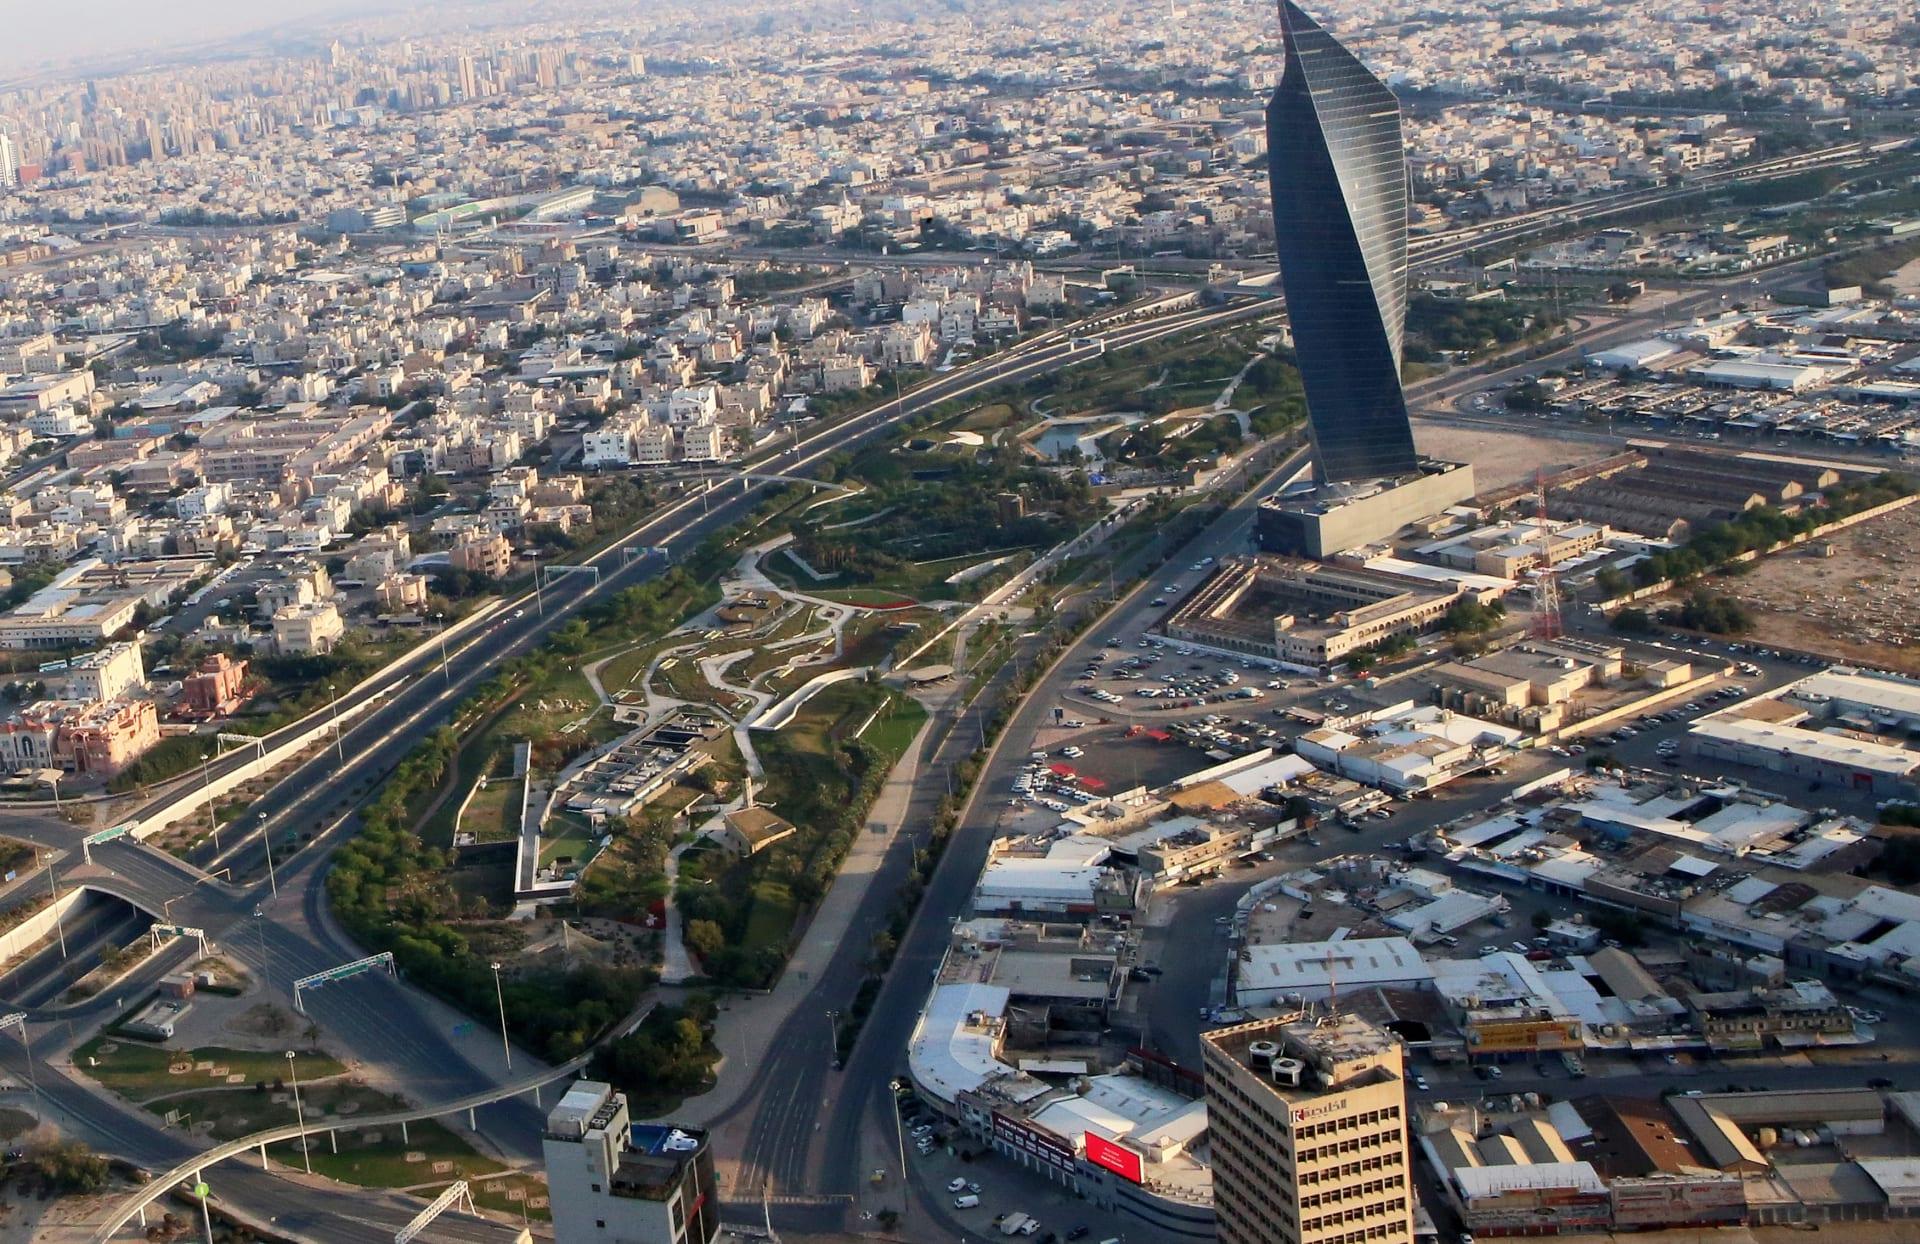 """وزارة الهجرة المصرية توضح ملابسات اعتداء كويتيين على مواطن في محل ألعاب: """"الفيديو مجتزأ"""""""